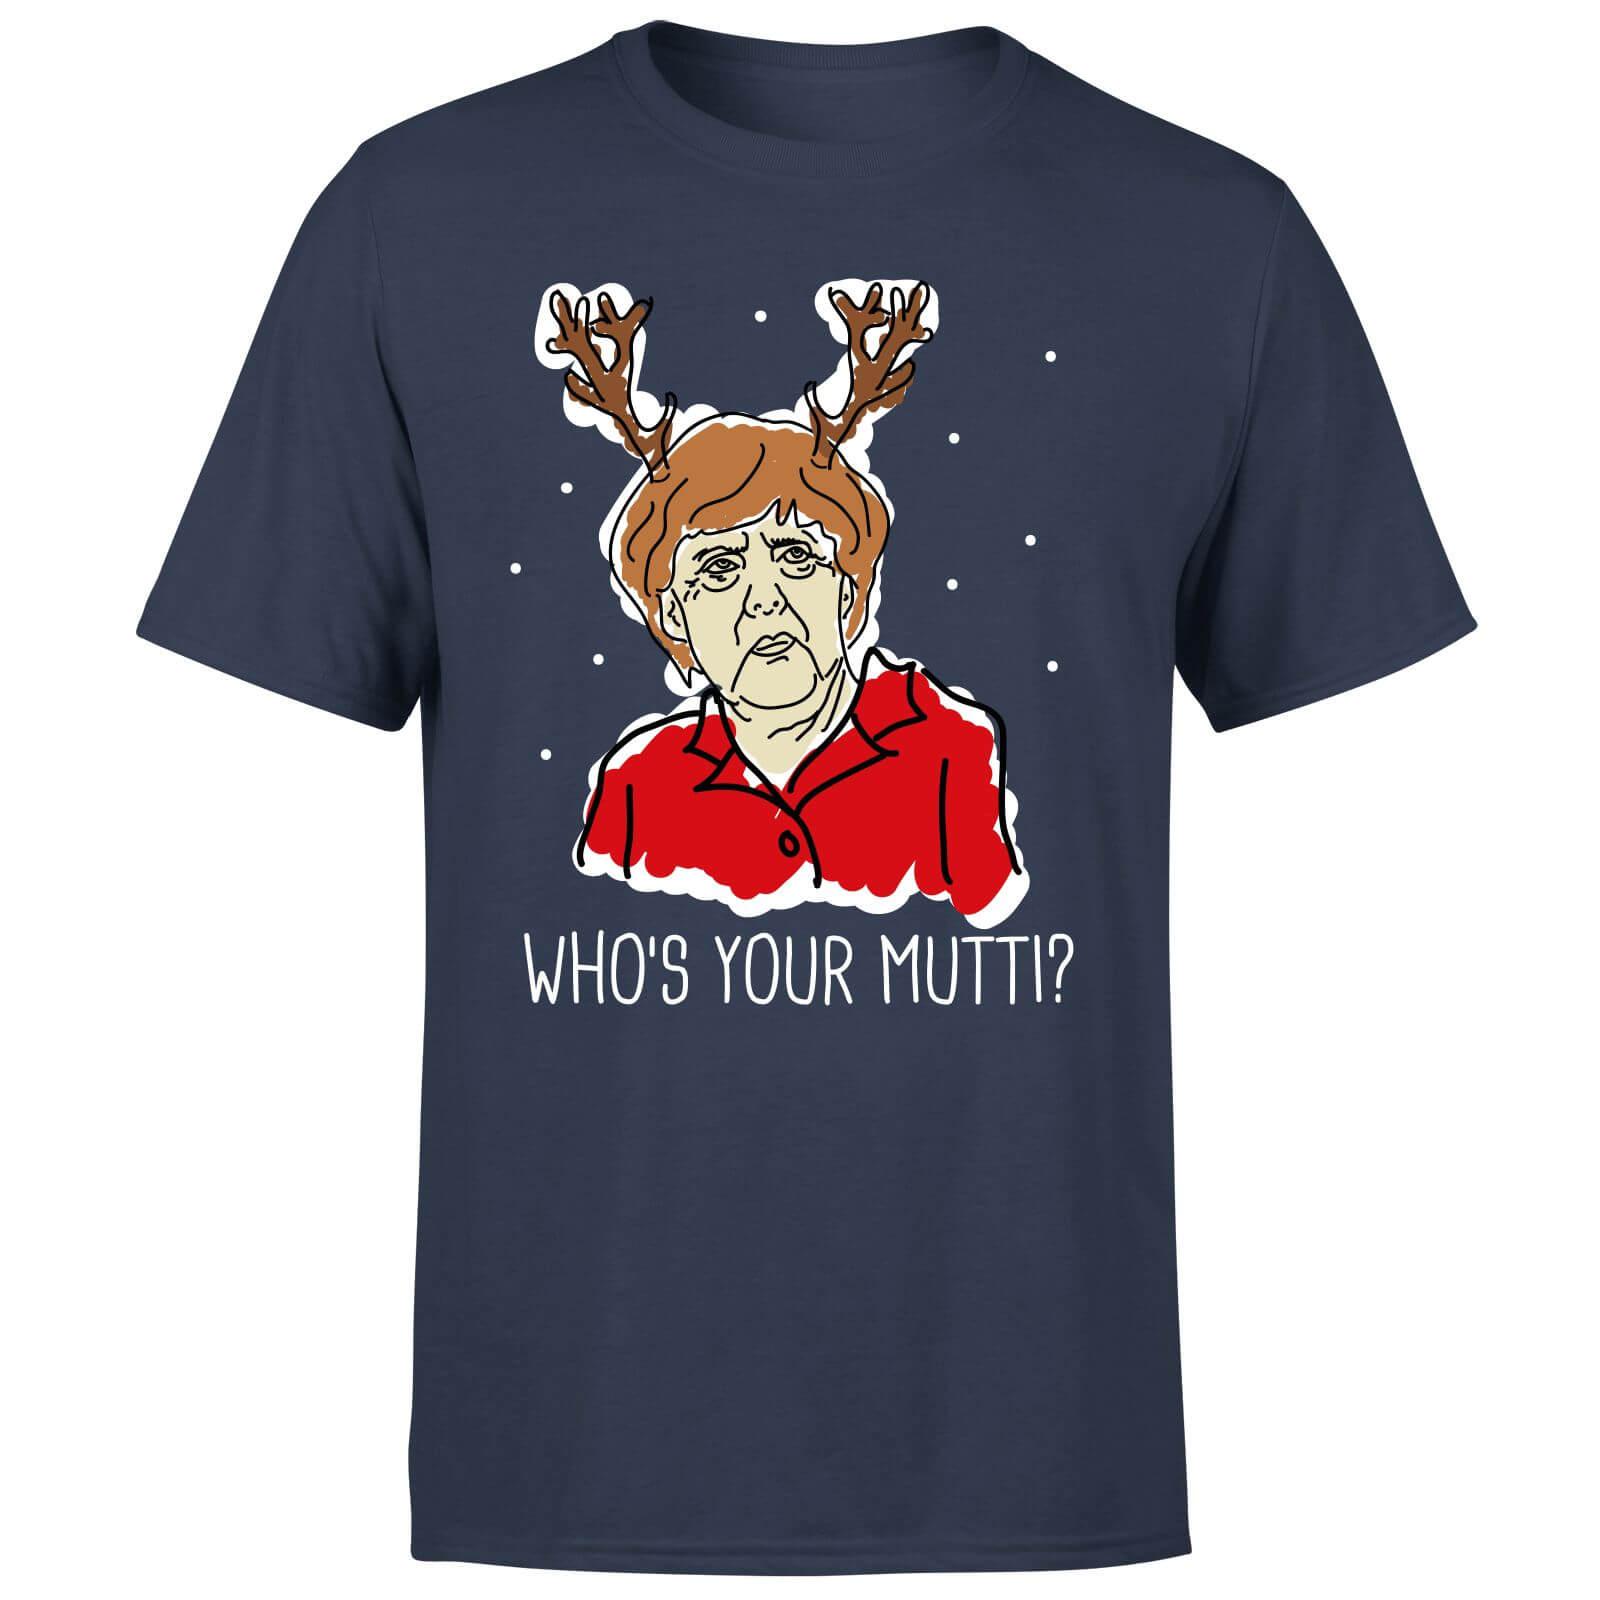 Who's Your Mutti? - Festliches T-Shirt mit bekannter älterer Dame (Damen und Herren, S bis XXL)